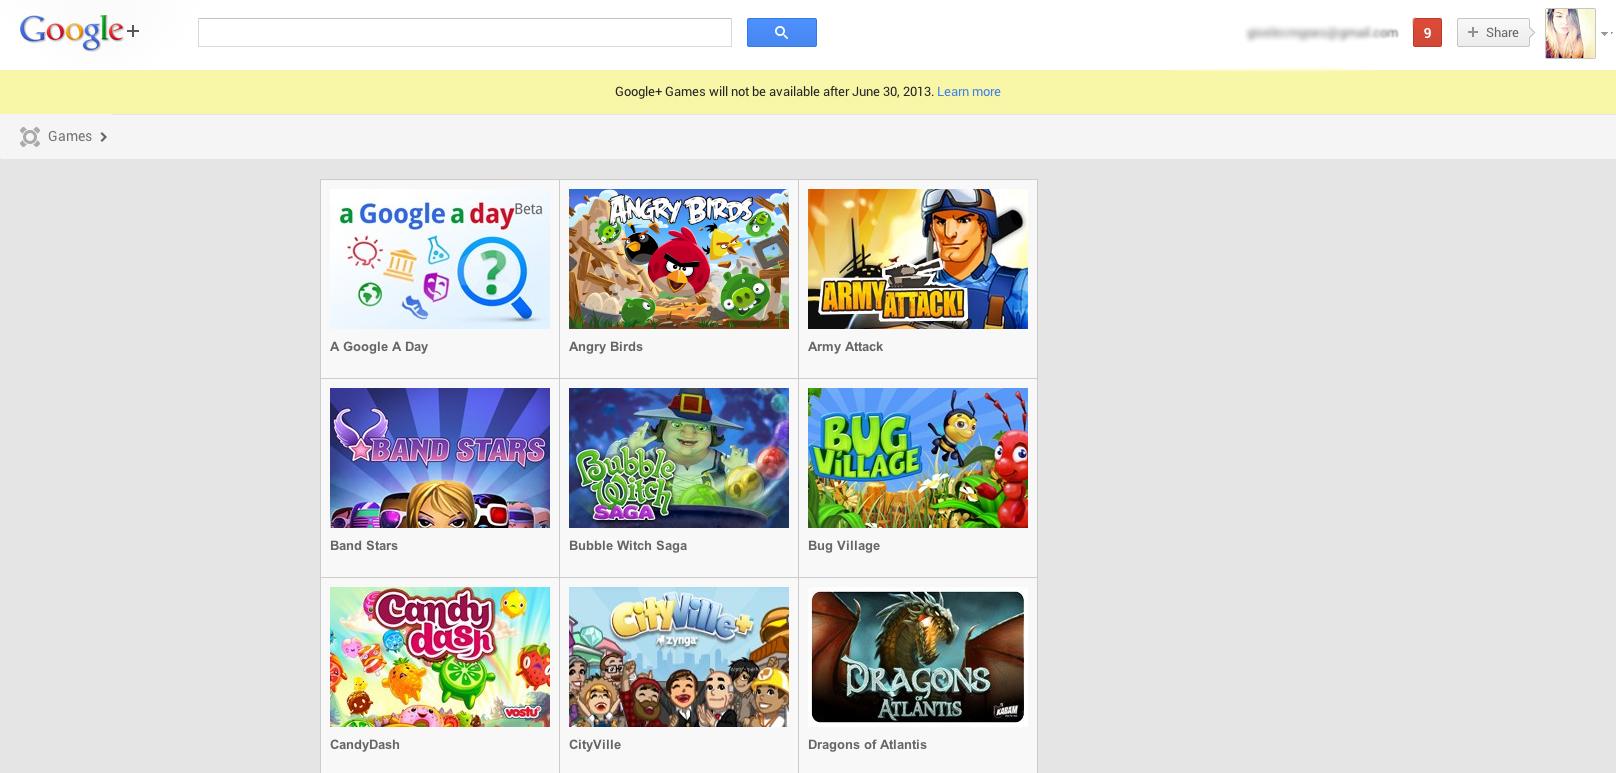 Google anuncia o fim dos games no Google+. (Foto: Gisele Góes)